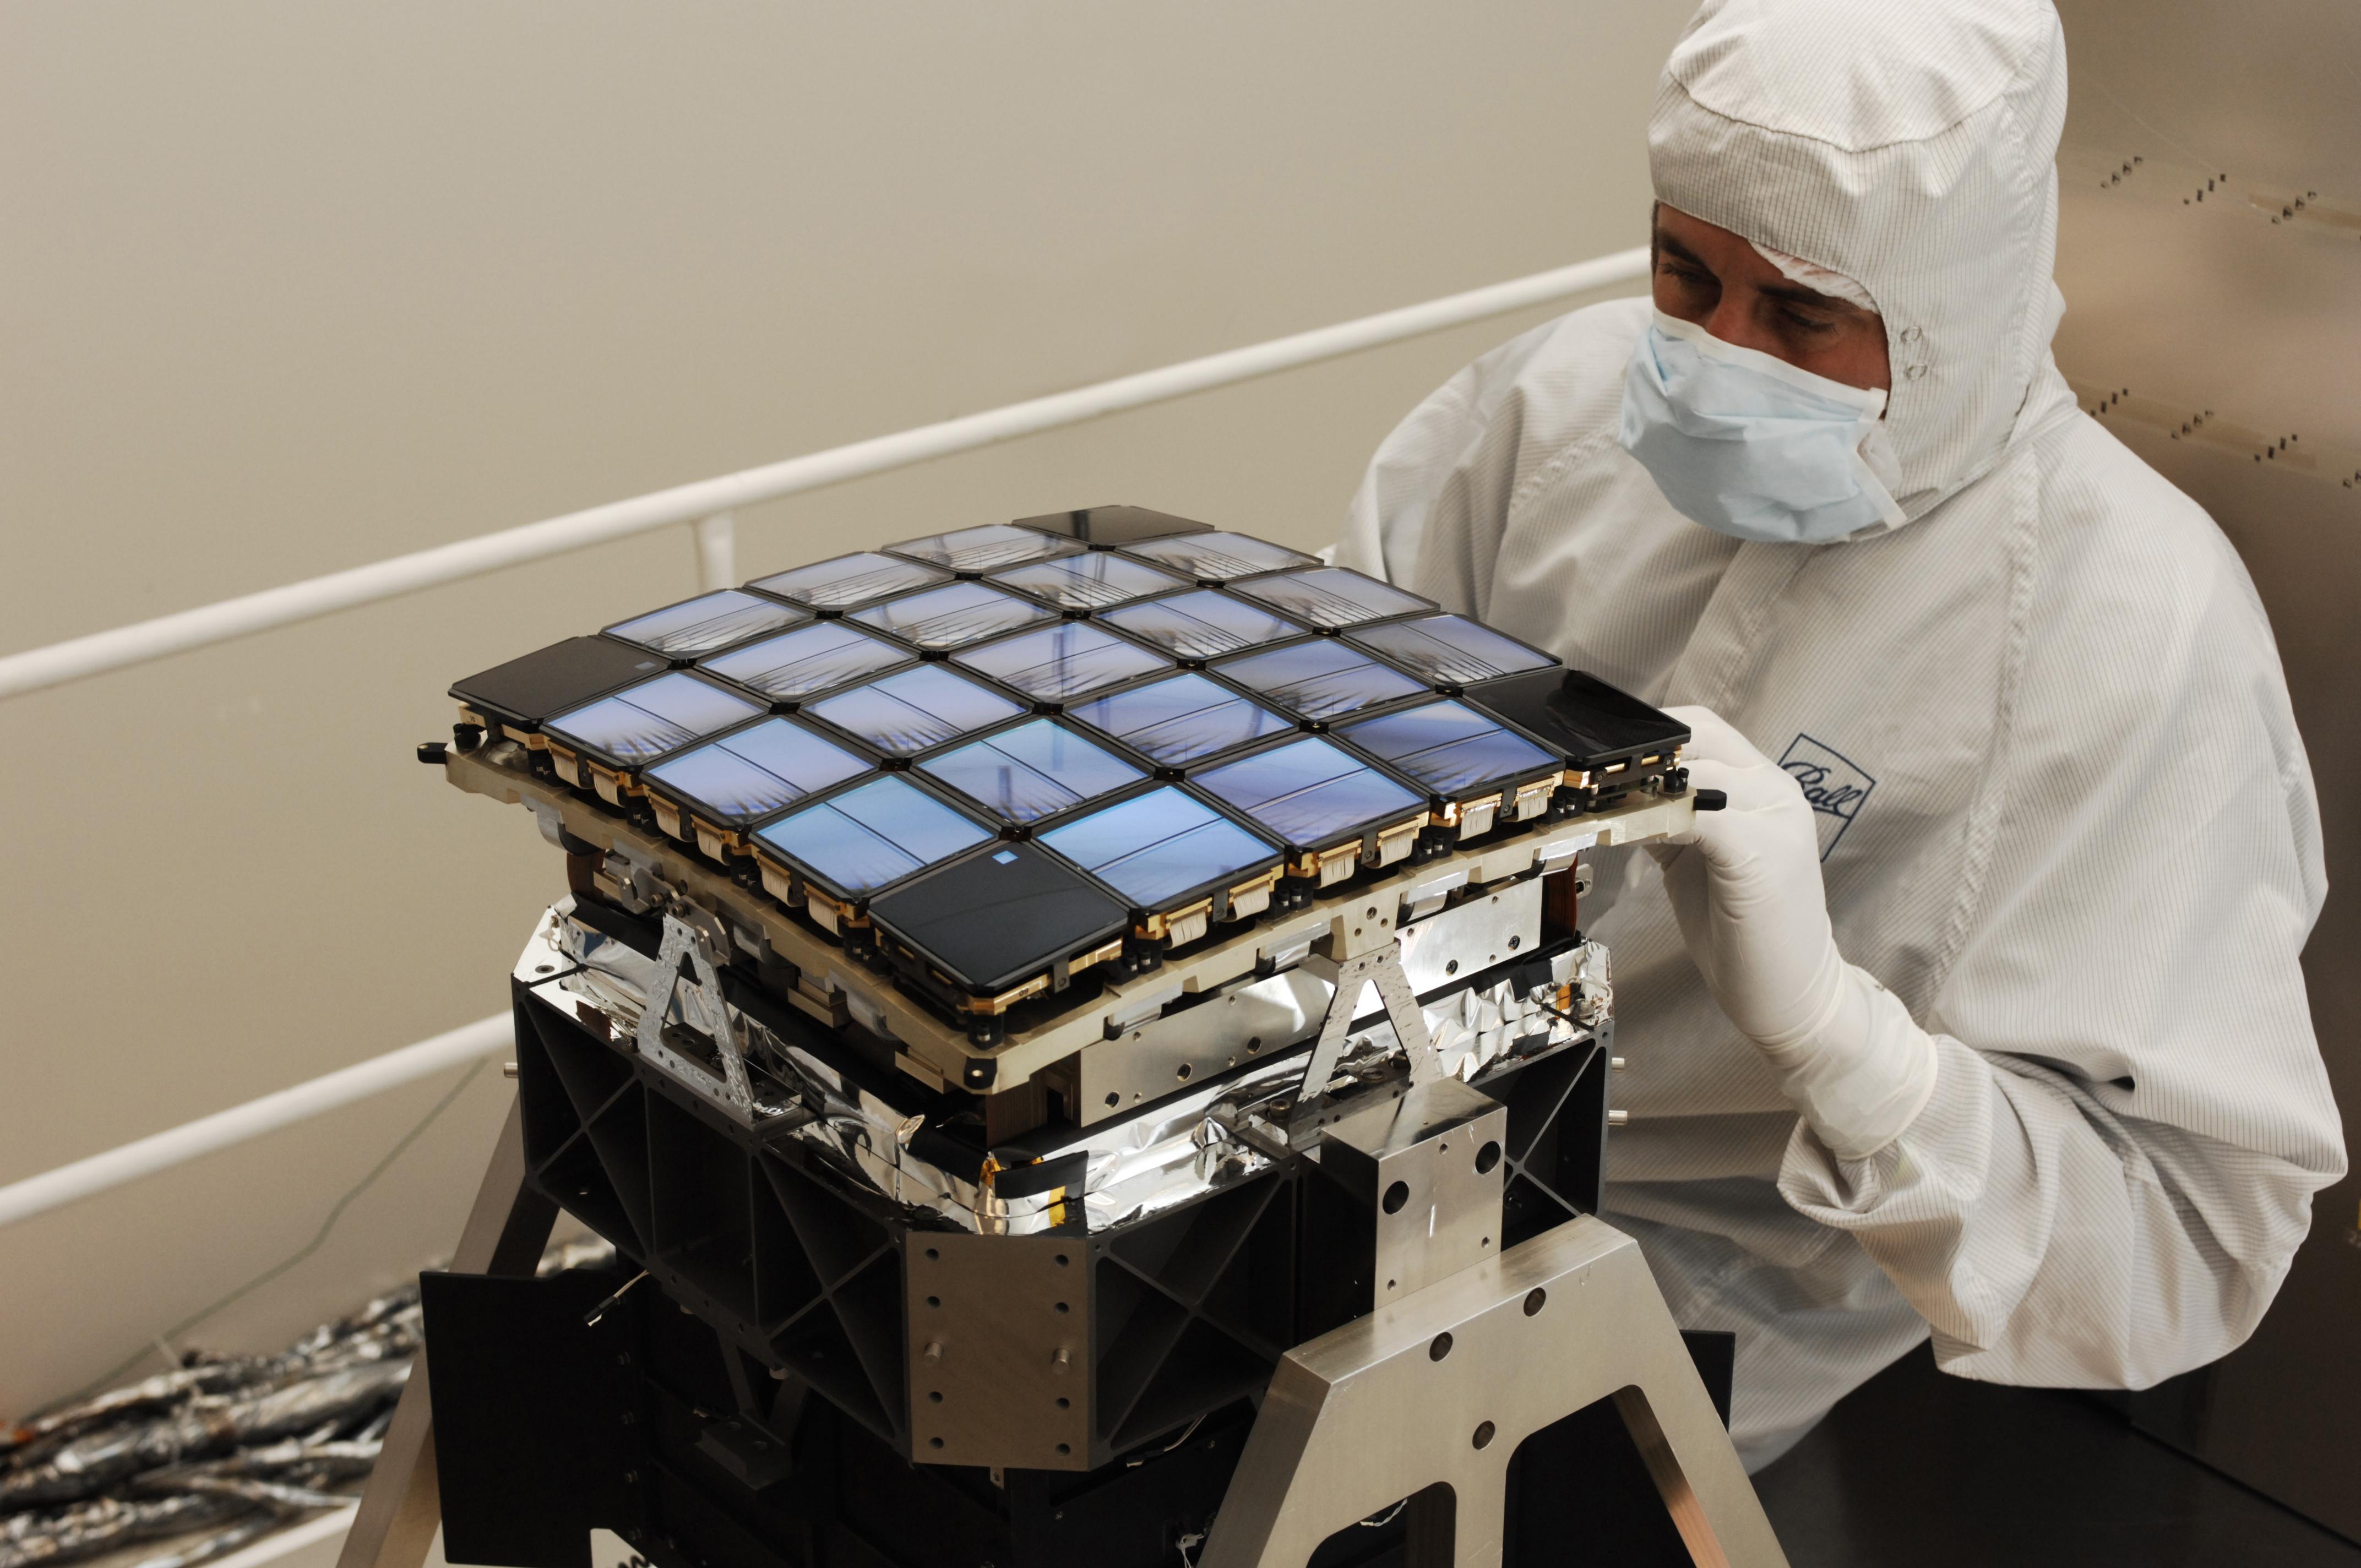 NASA - Kepler Focal Plane Array